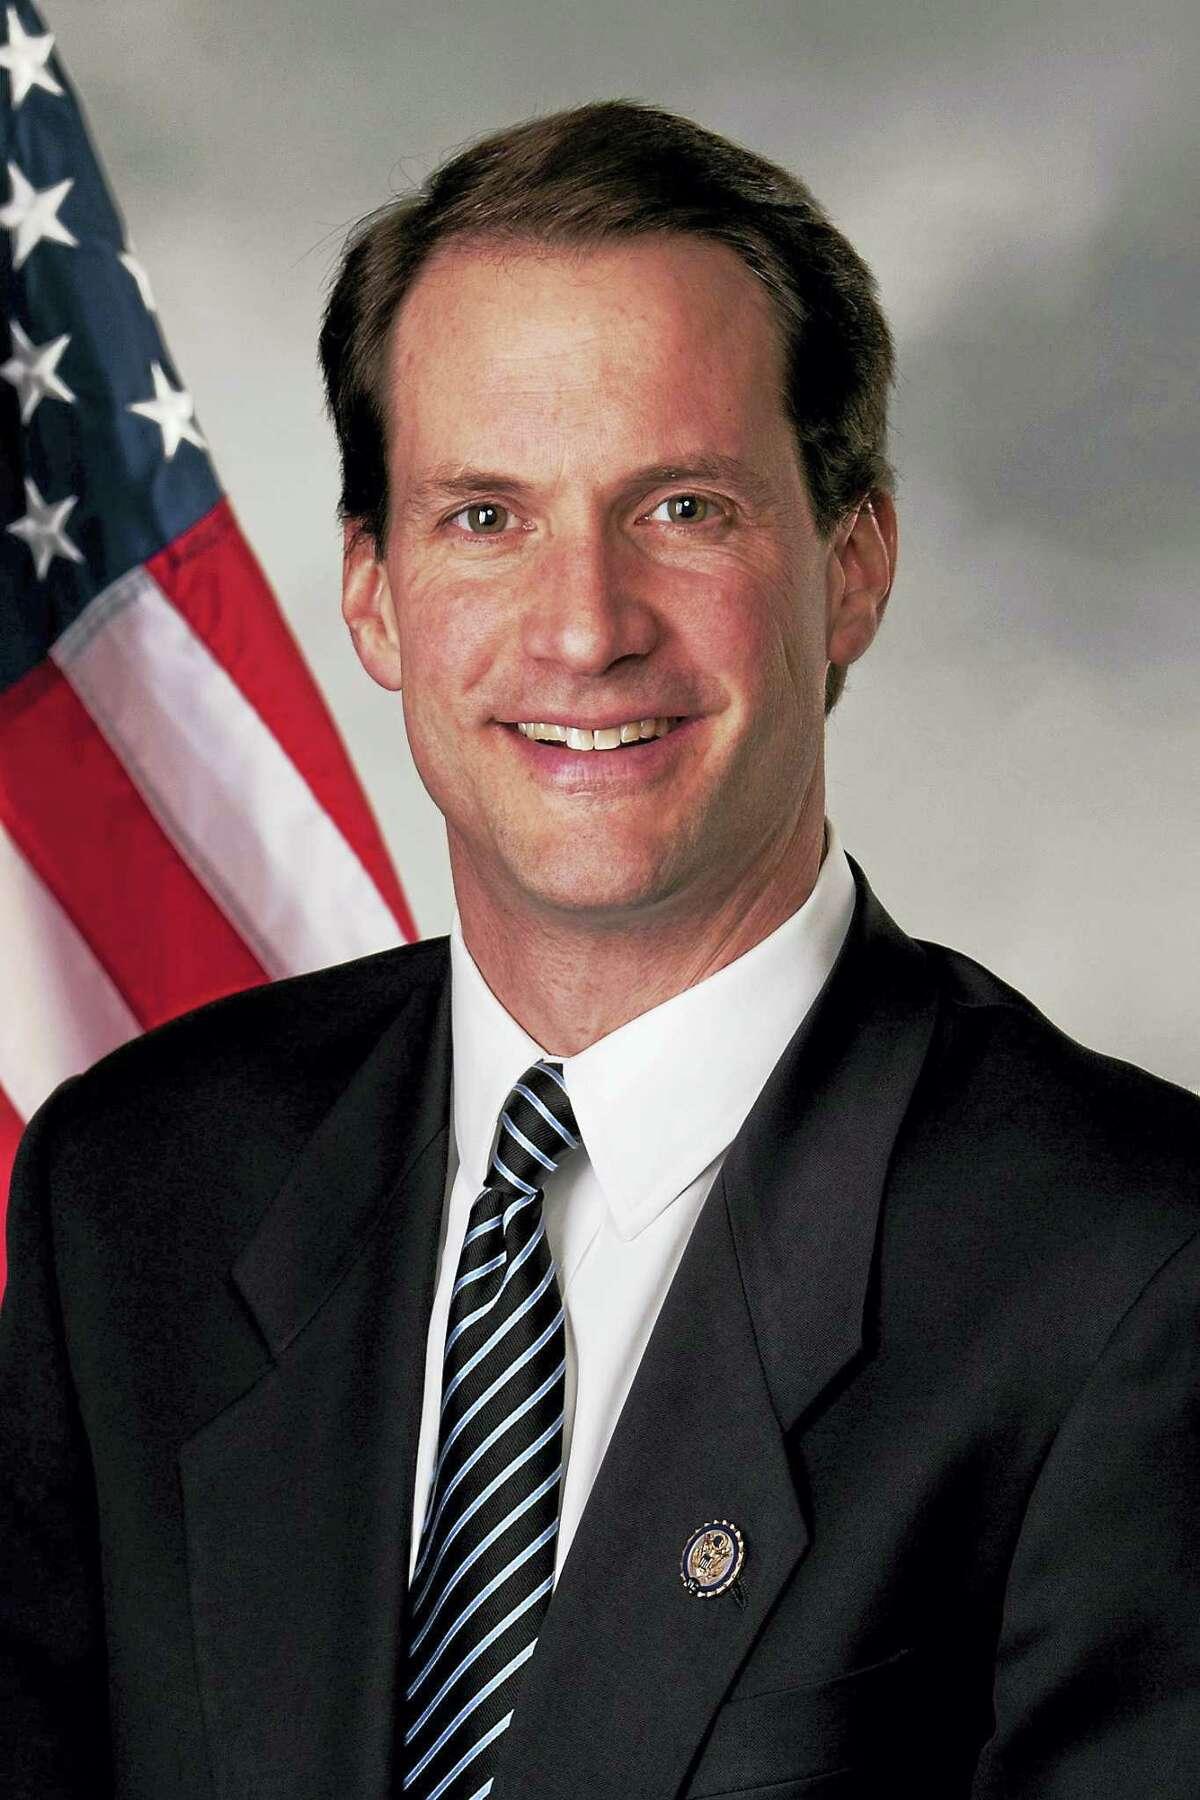 U.S. Rep. Jim Himes, D-4